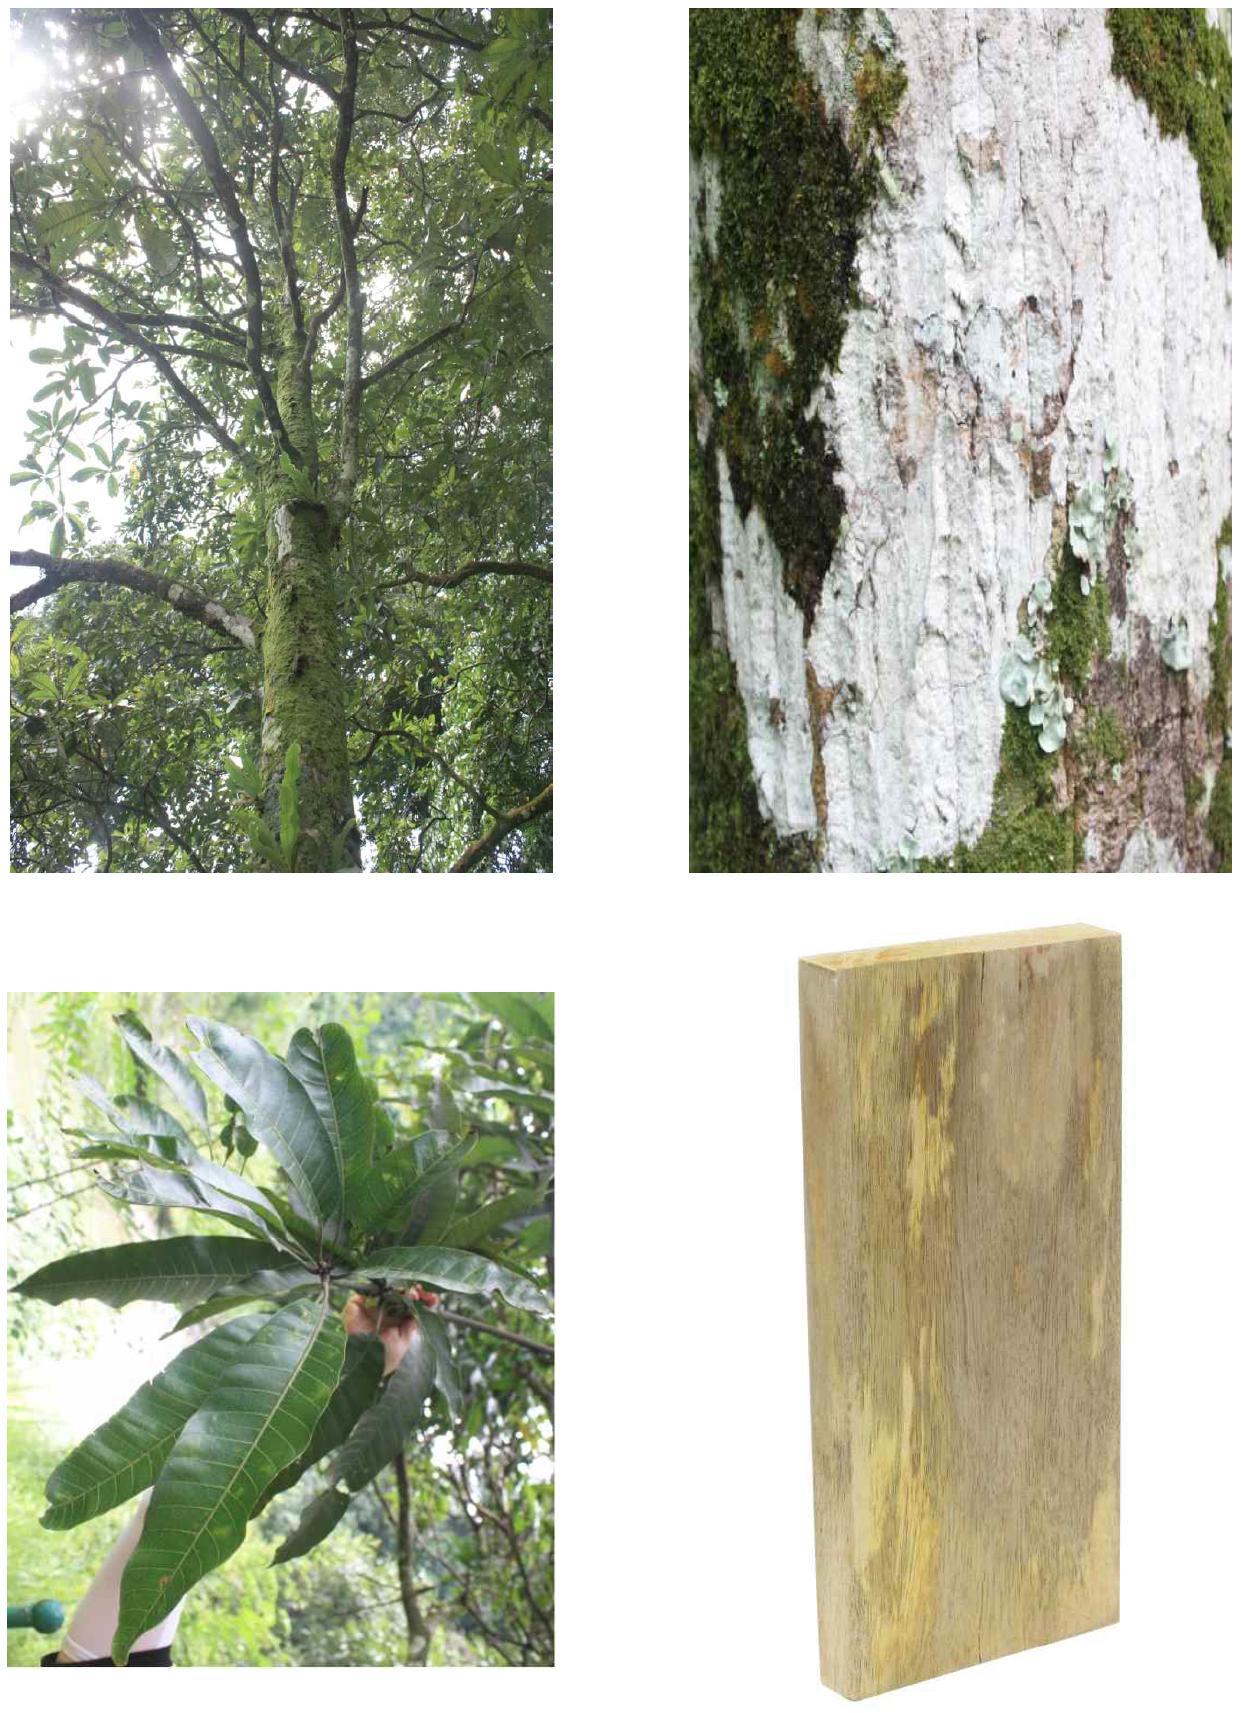 Mangga의 전체수형, 수피, 잎 및 재면.